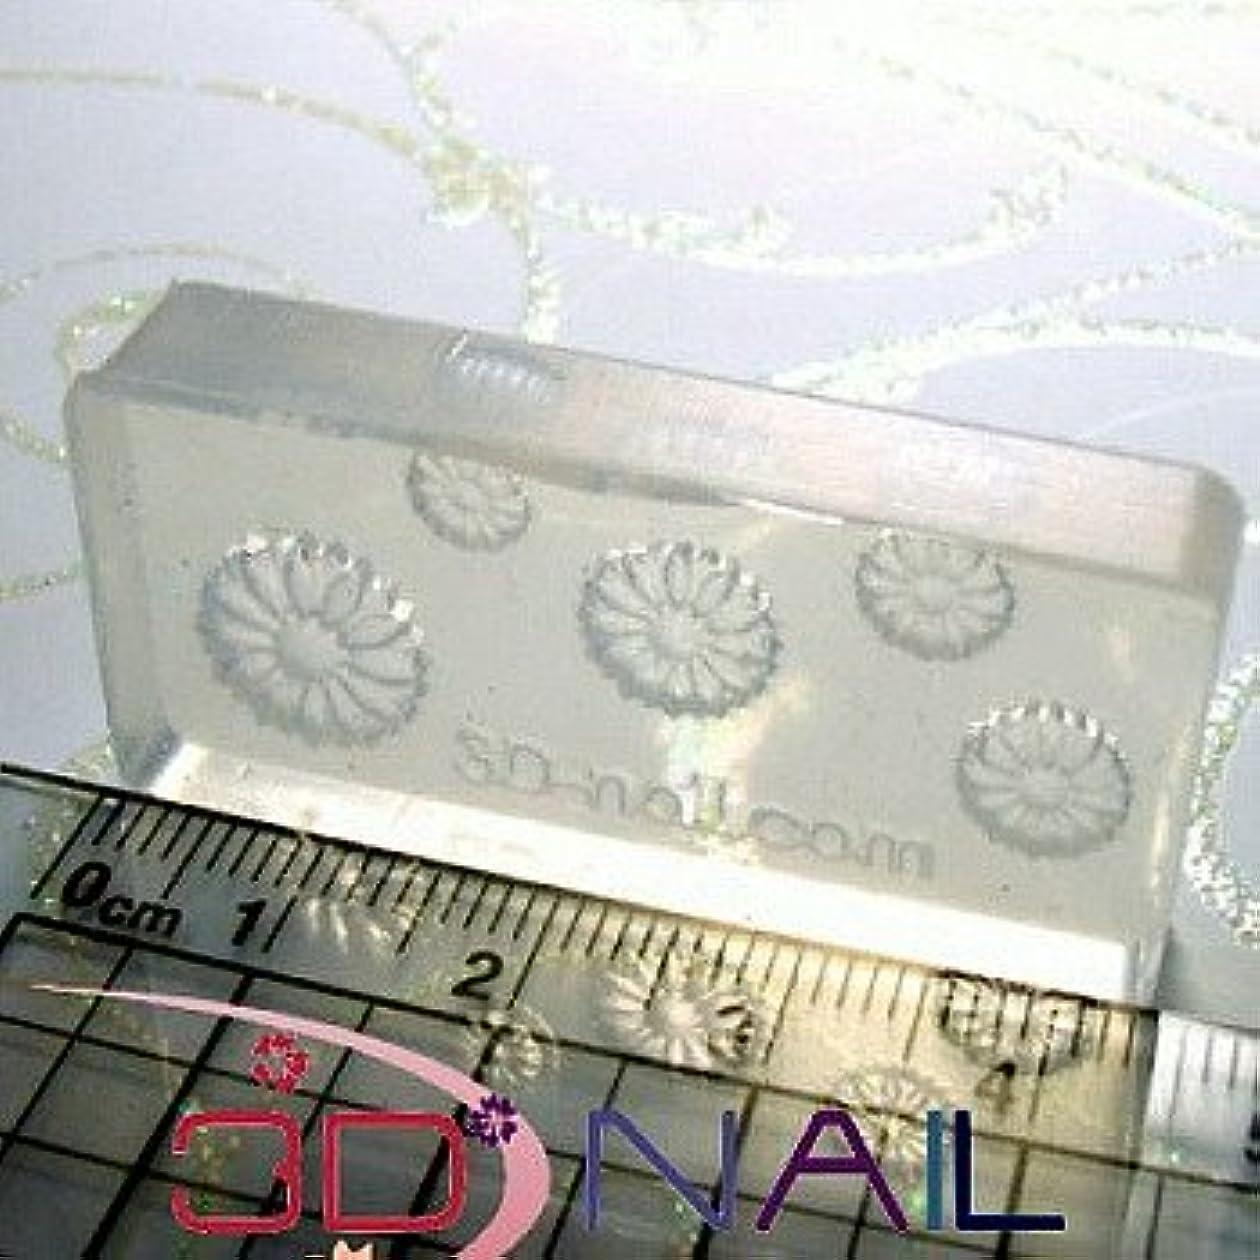 絶妙体系的に増強3Dシリコンモールド 自分でできる3Dネイル ネイルアート3D シリコン型 アクリルパウダーやジェルで簡単に!